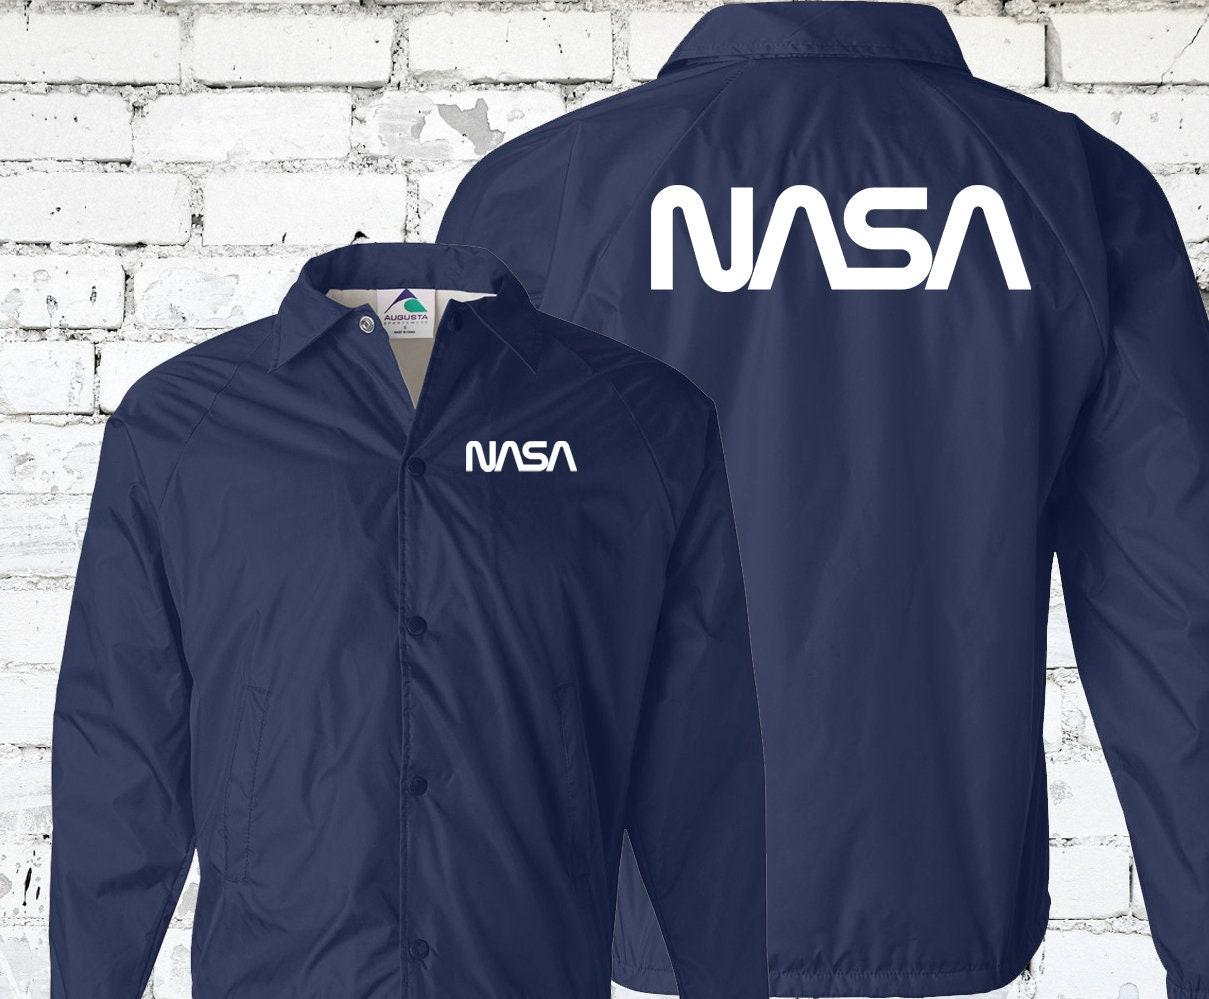 official nasa merchandise - HD1209×999